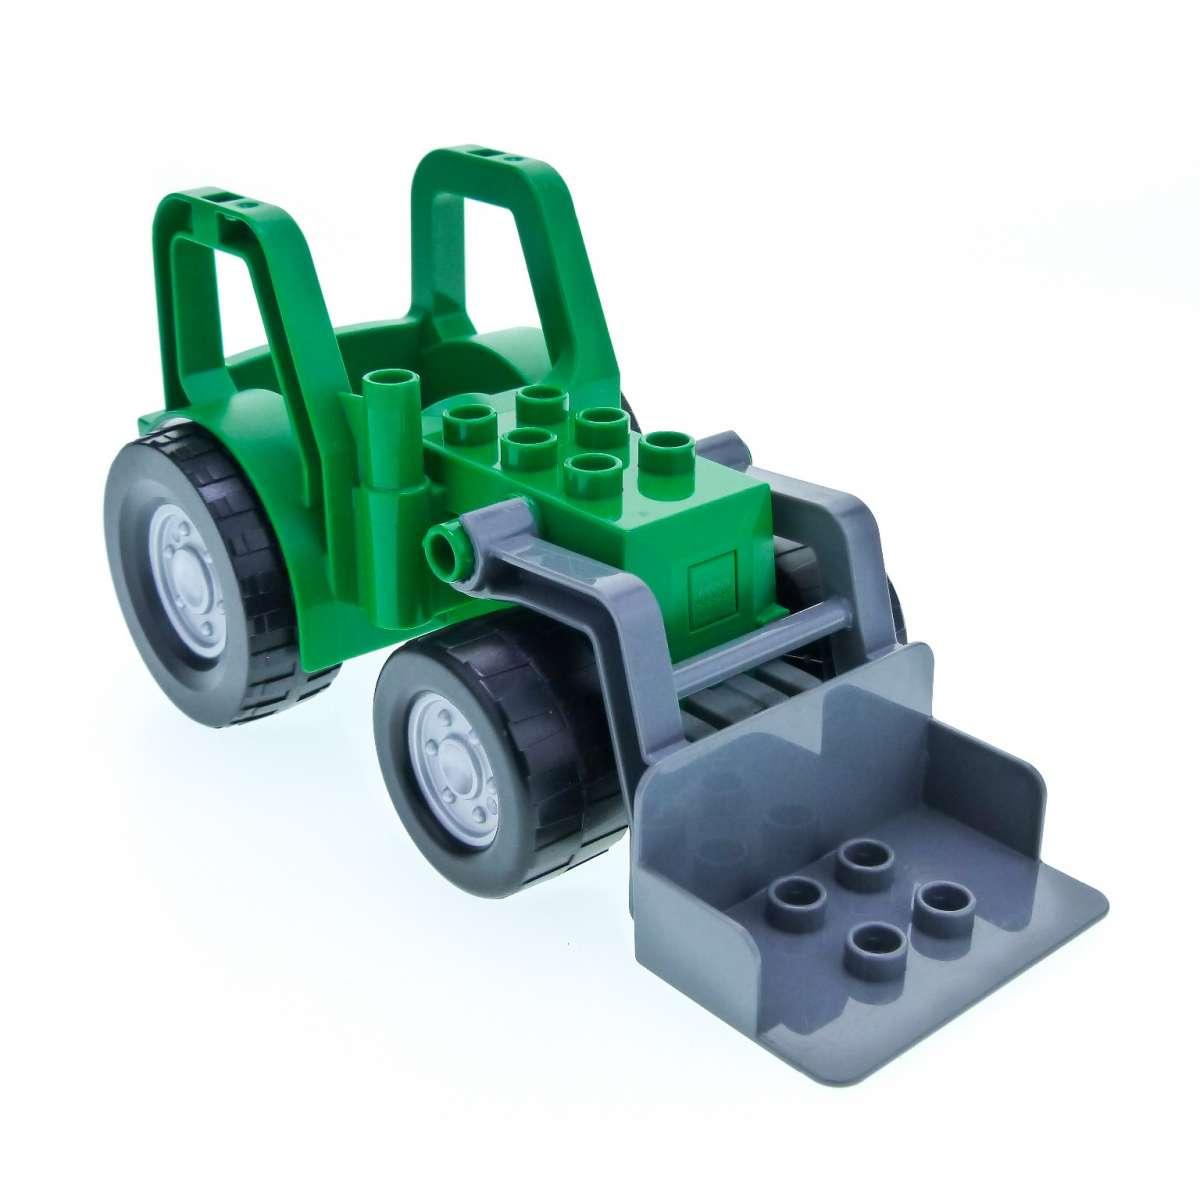 1 x lego duplo traktor grün neudunkel grau mit schaufel